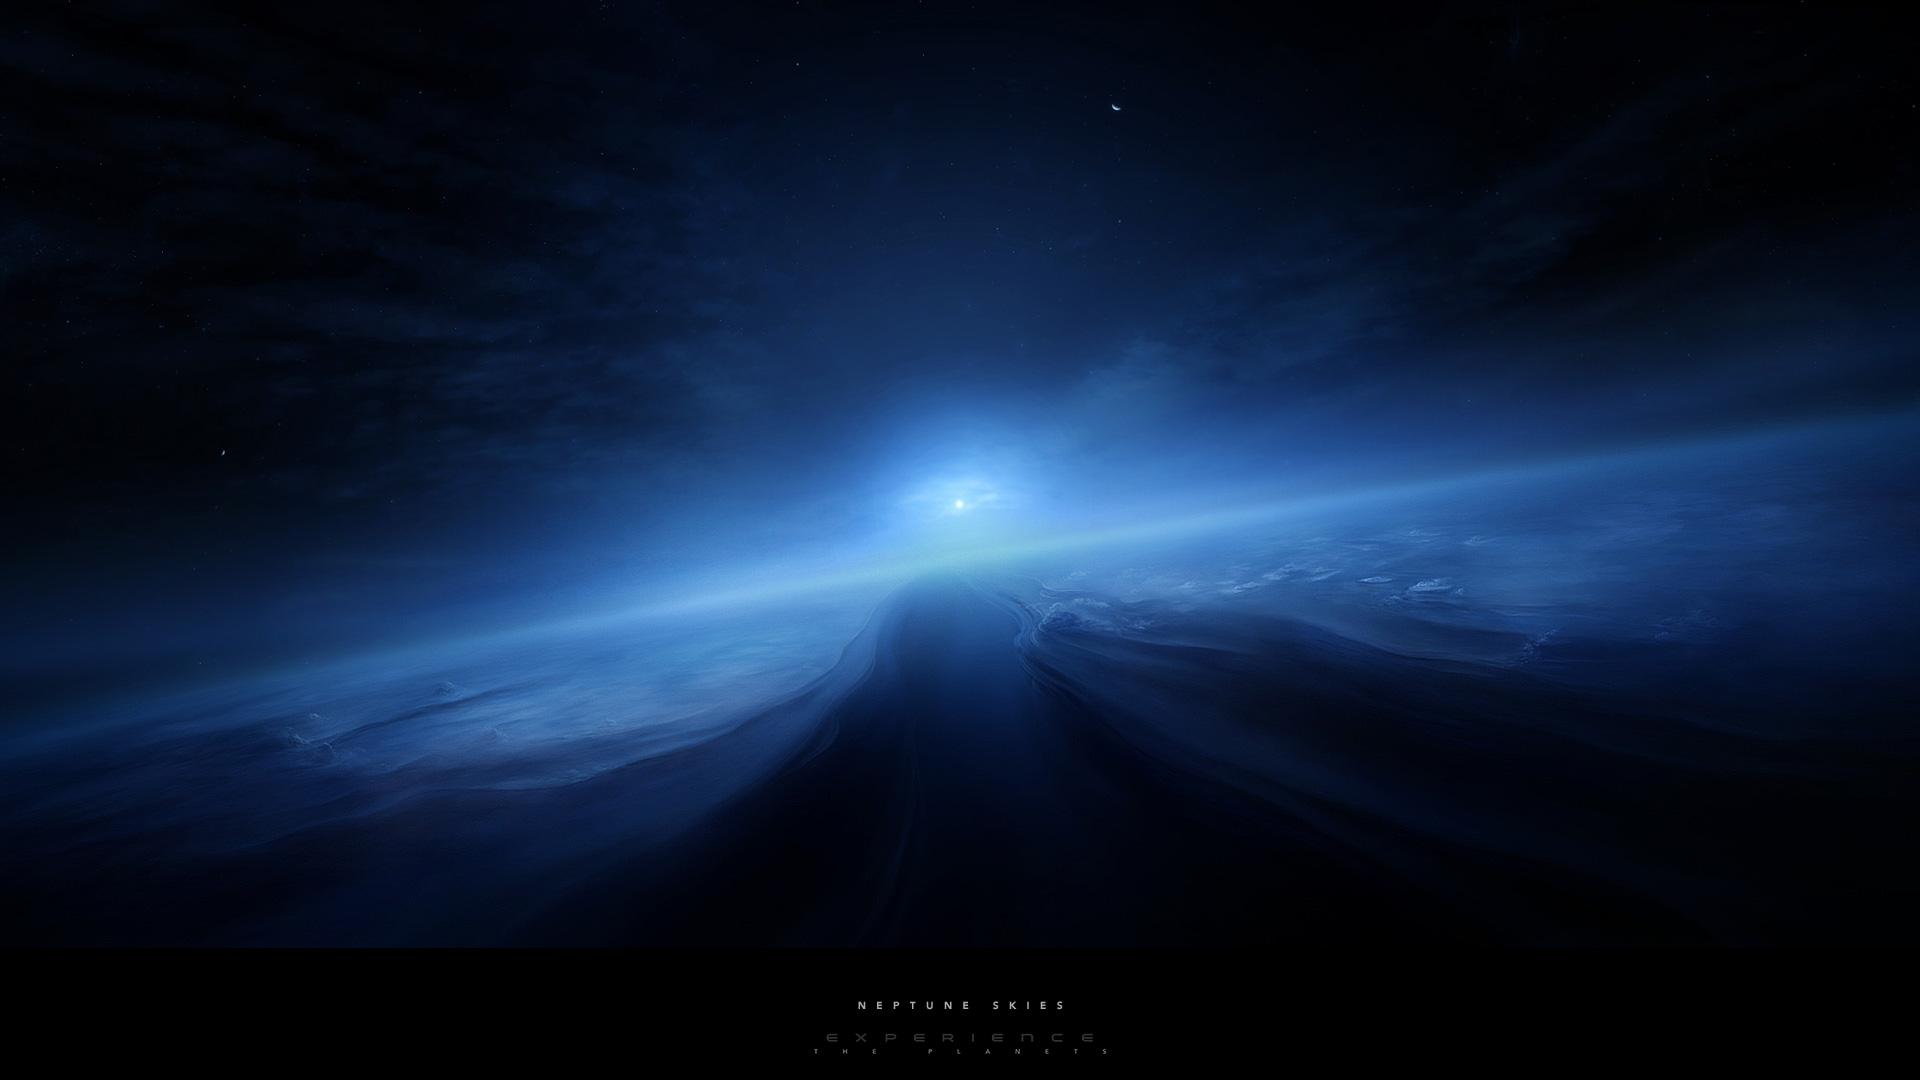 Neptune Skies   HD Wallpapers 1920x1080